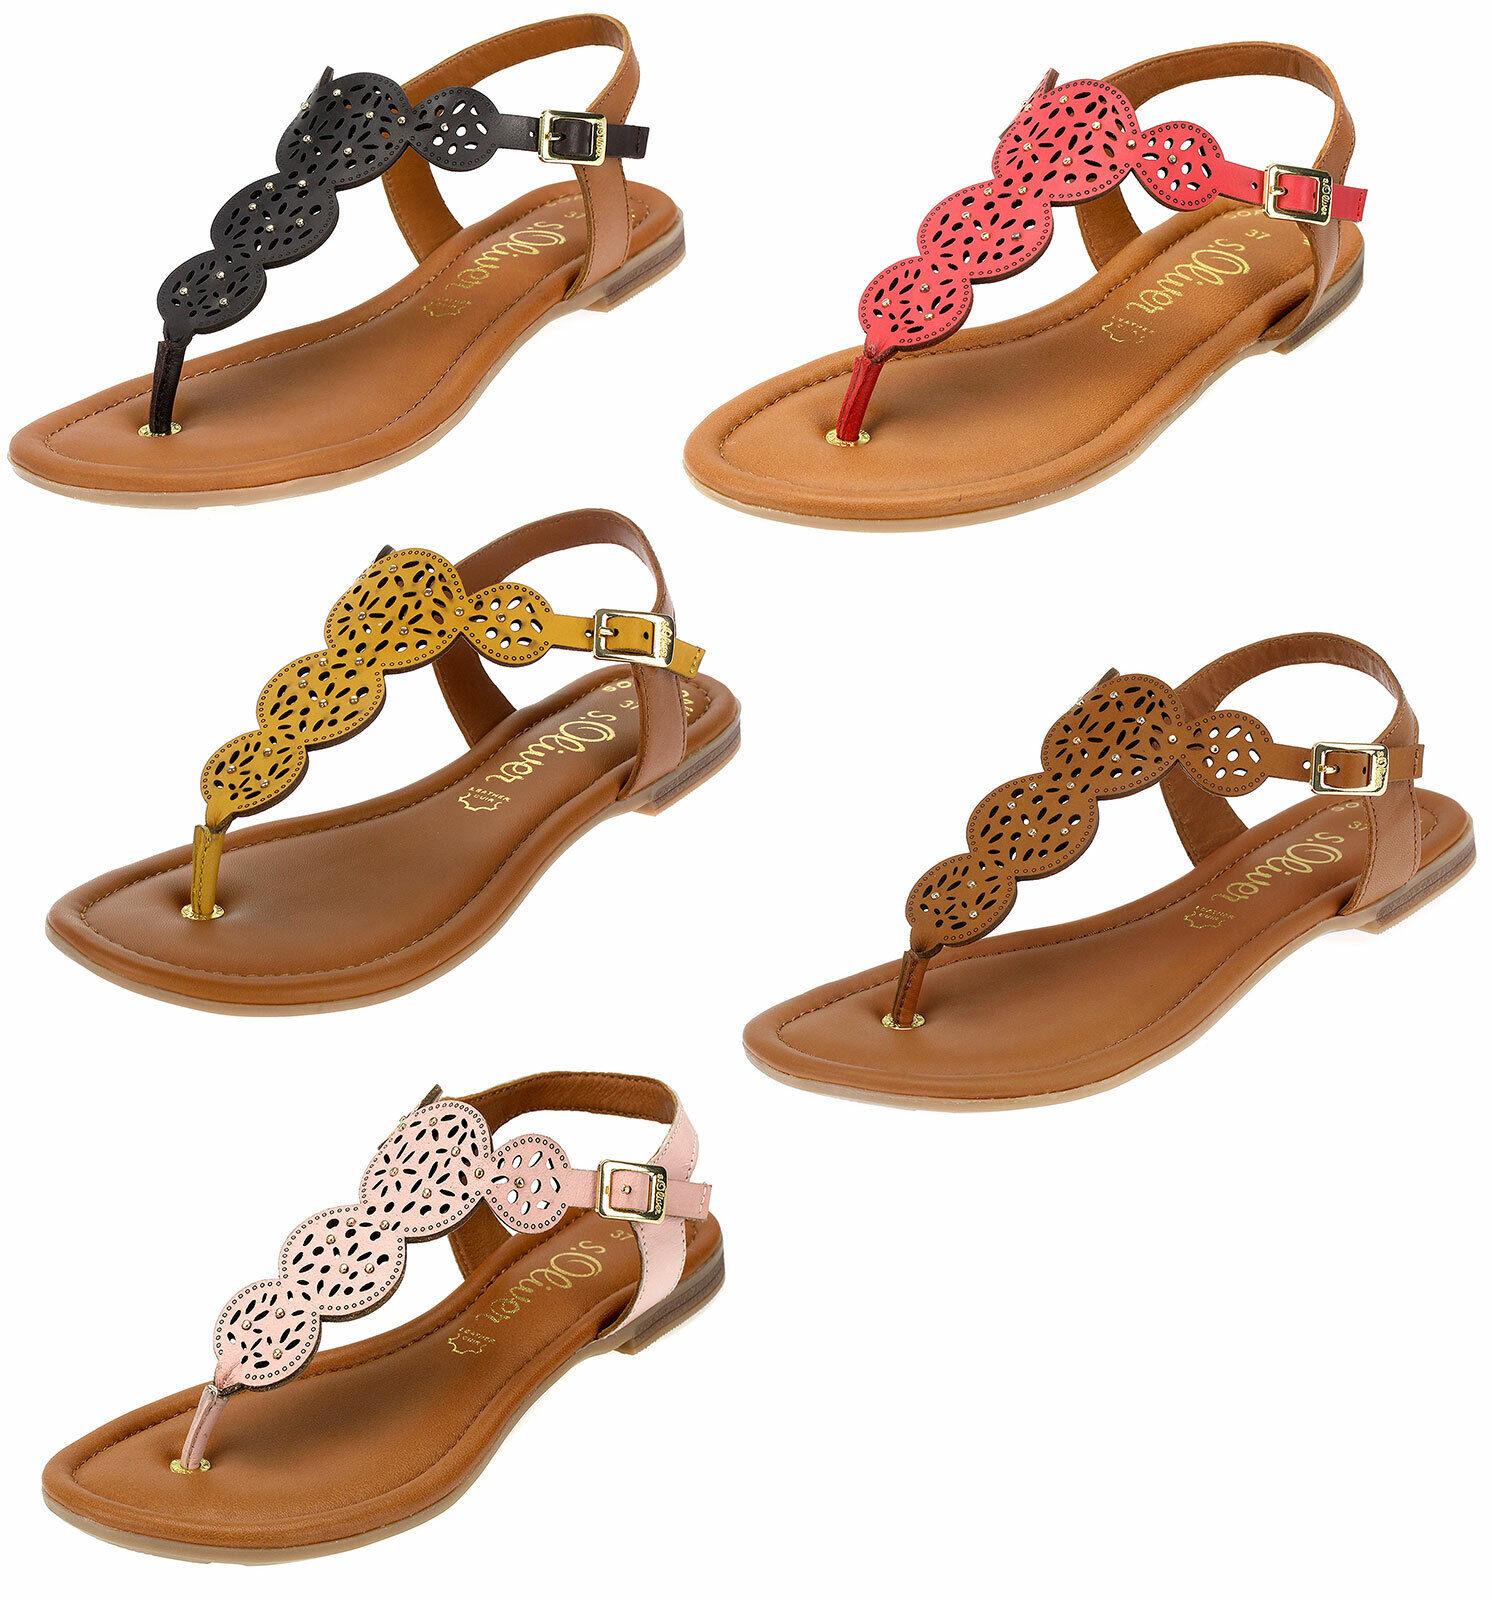 S.Oliver Flip Flop pour femmes Cuir Véritable Sandales Été Sandalettes